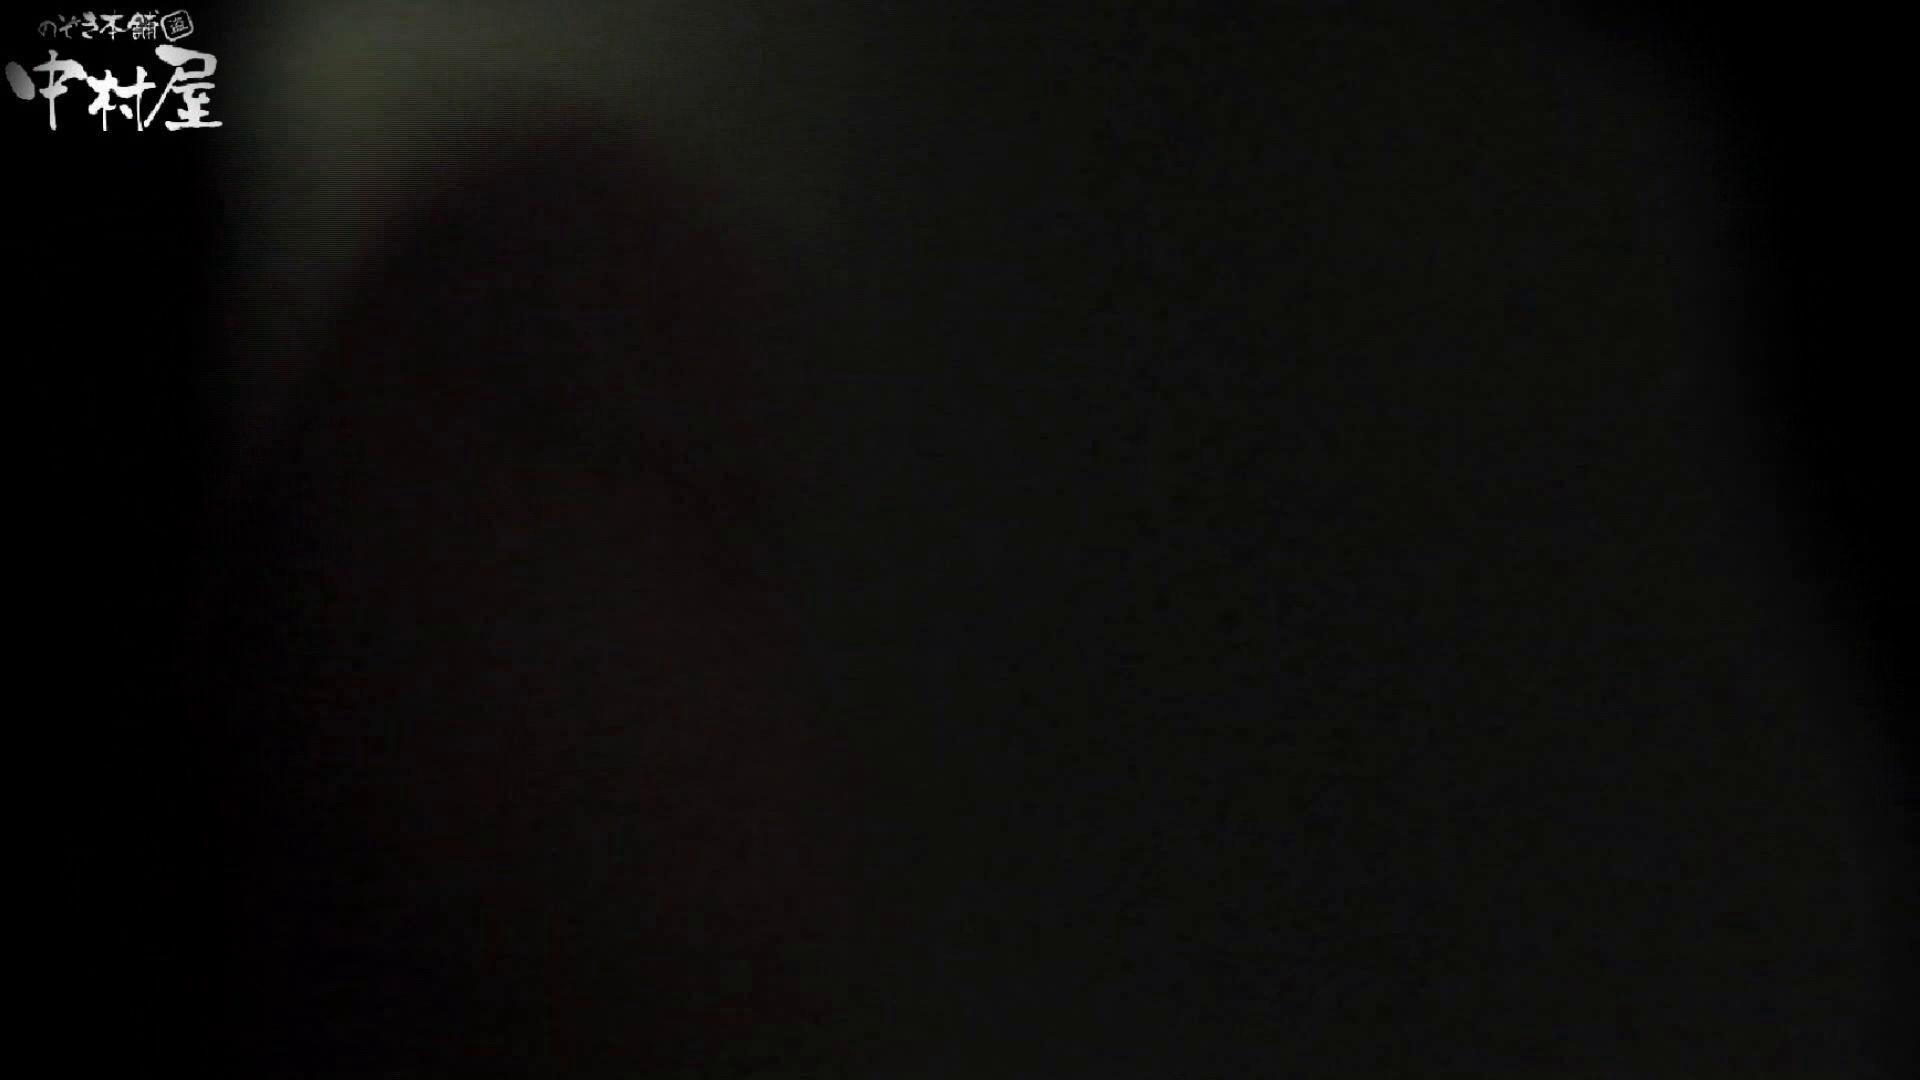 ハメ撮り 【世界の射窓から~ステーション編~】ステーション編 vol49 大がいっぱいモリモリ、ピリピリ後編 のぞき本舗 中村屋